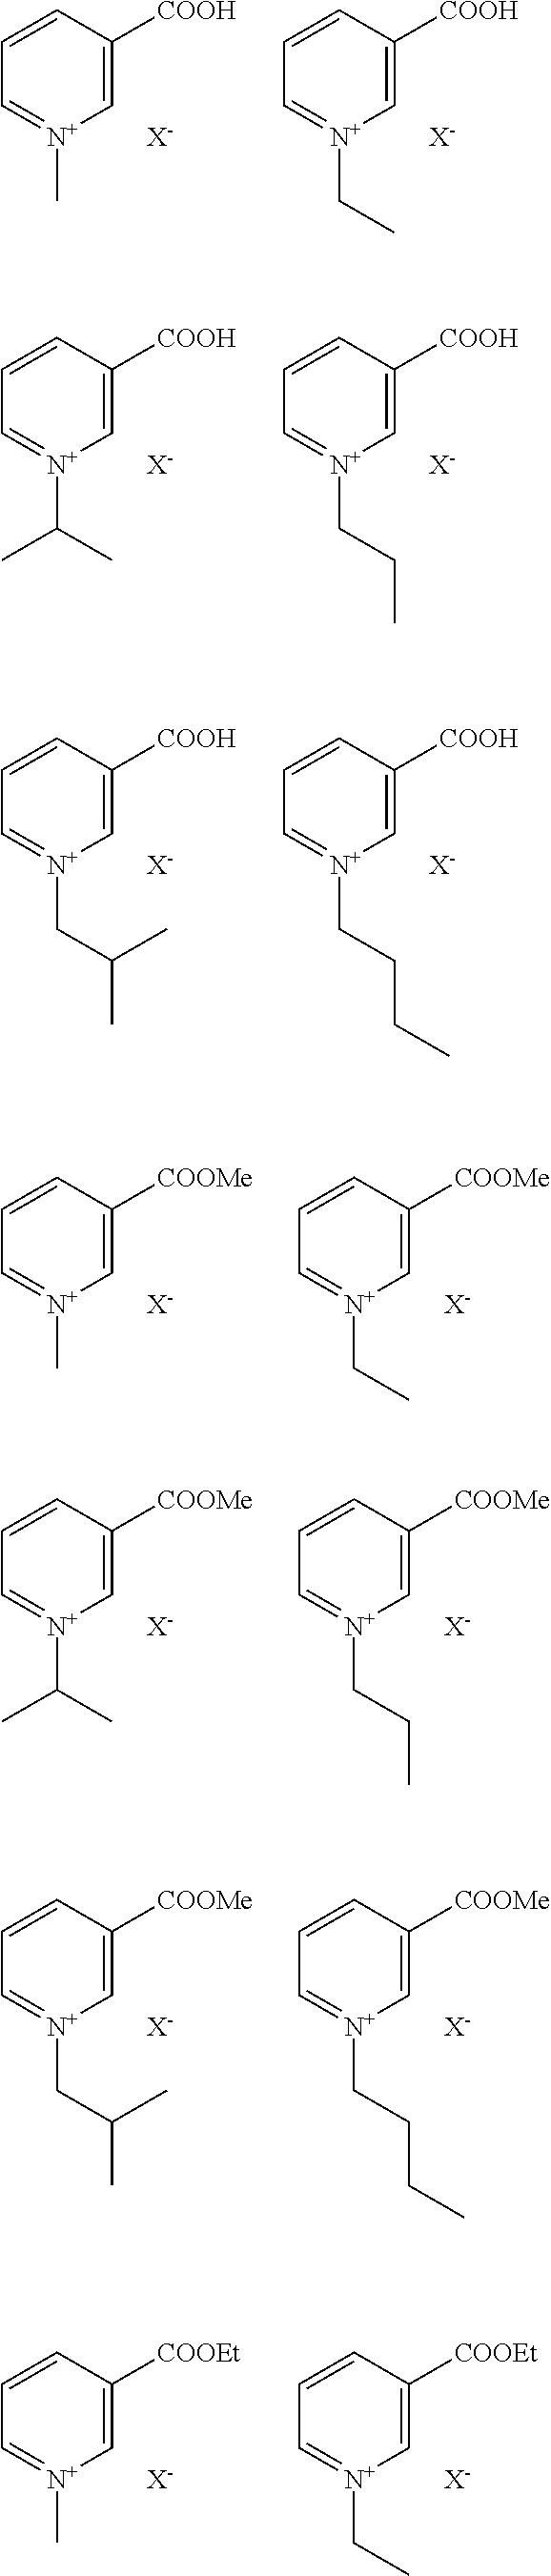 Figure US09962344-20180508-C00159